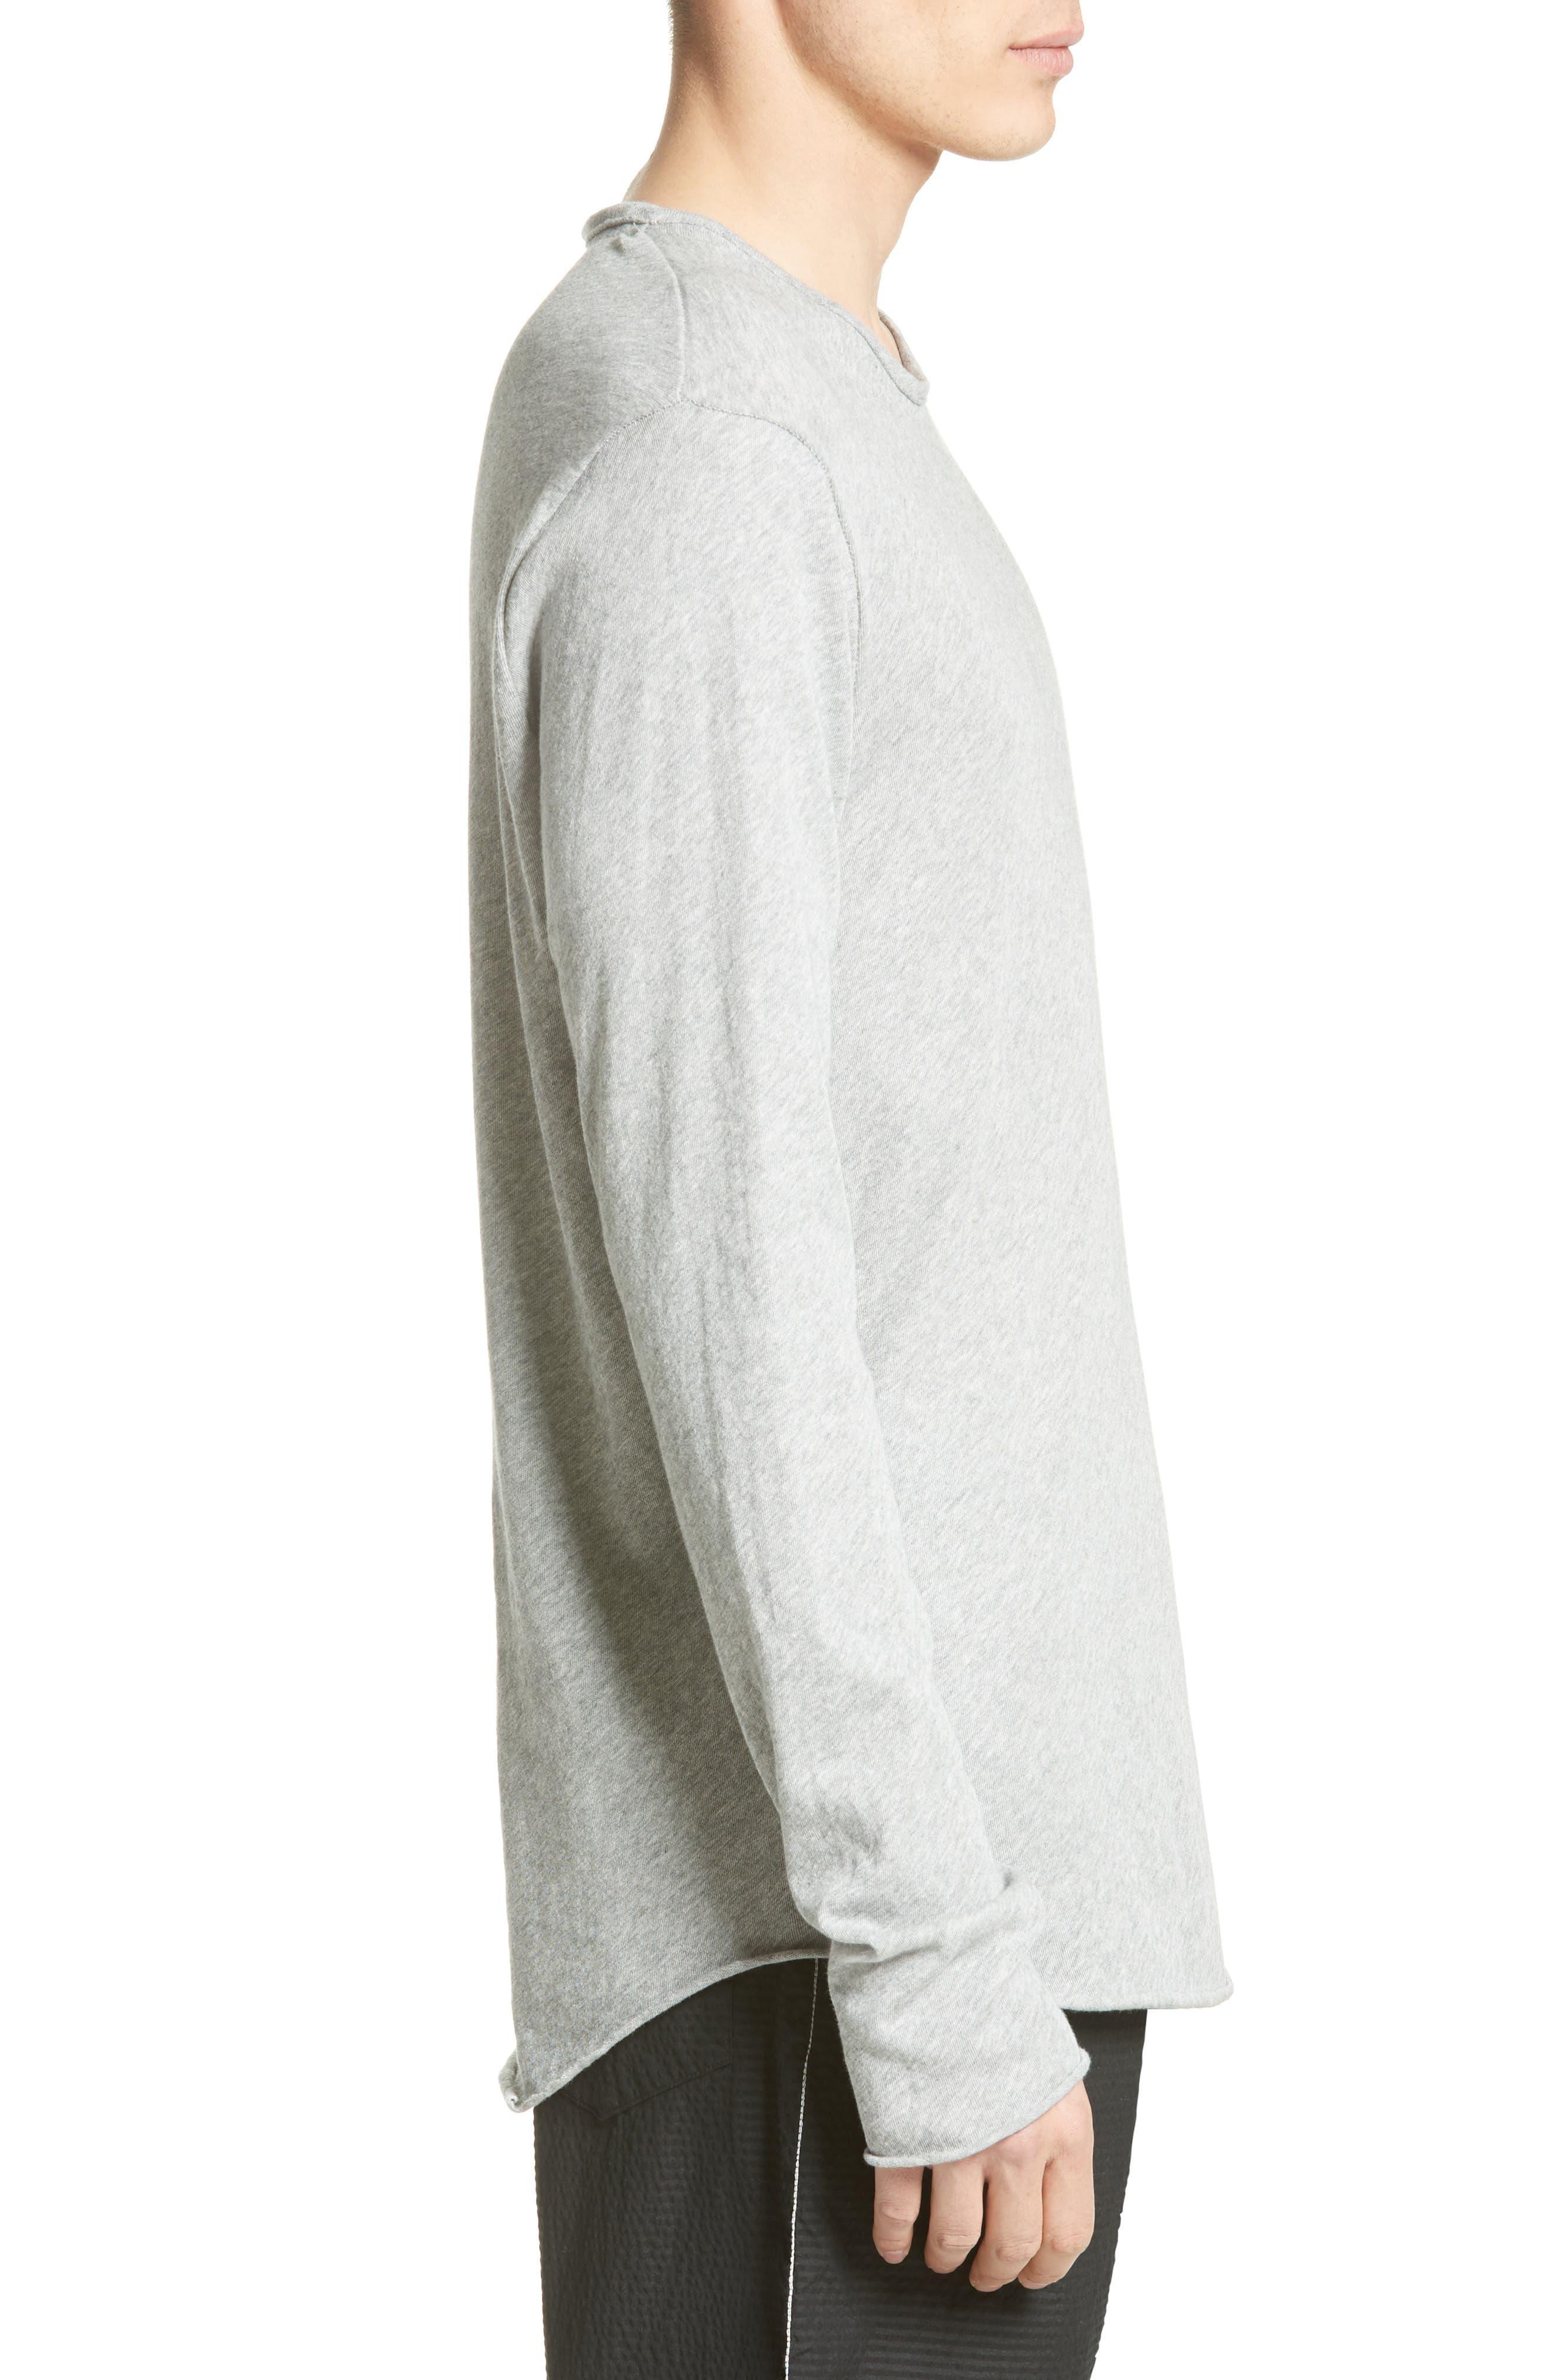 Hartley Cotton & Linen T-Shirt,                             Alternate thumbnail 3, color,                             034